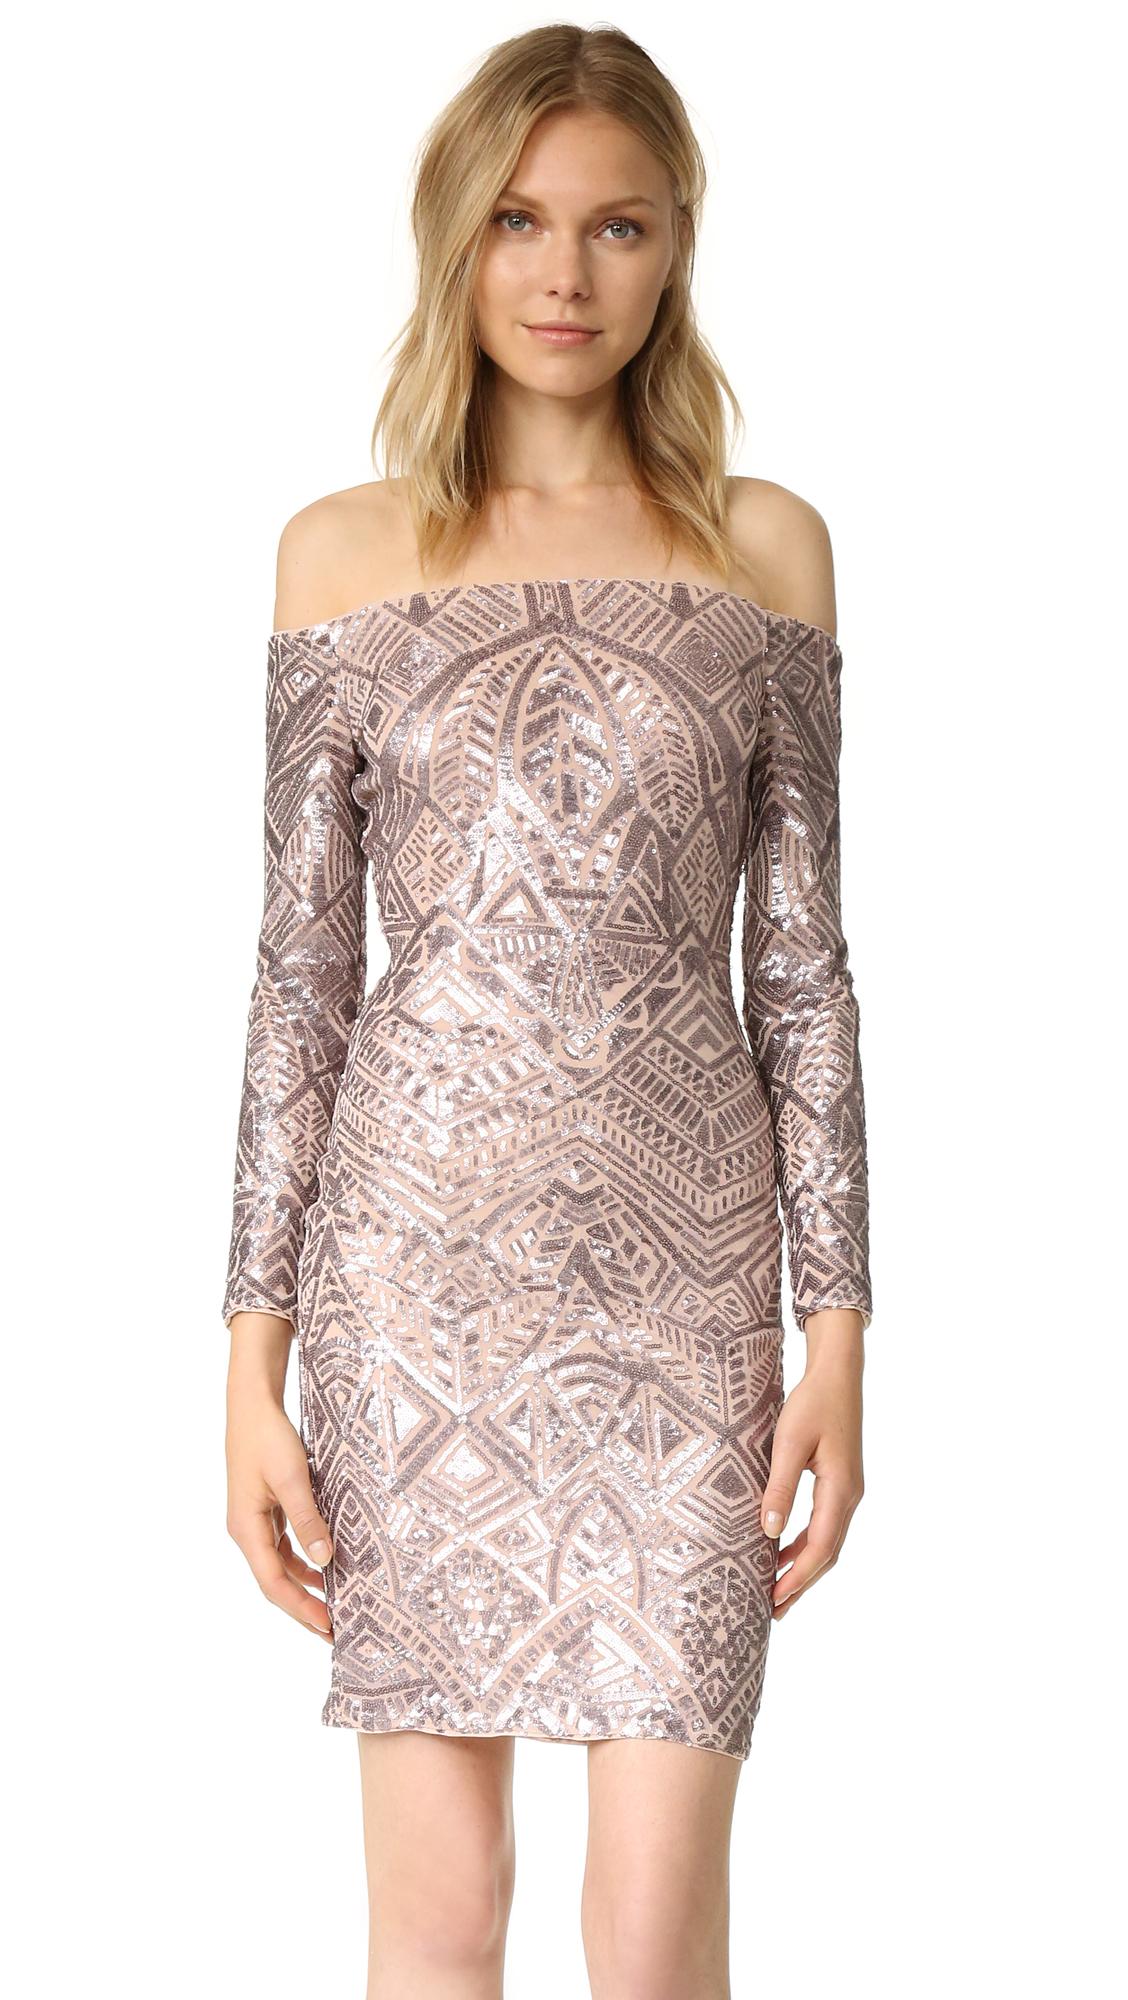 Bcbgmaxazria Embellished Off Shoulder Dress - Rose Gold Combo at Shopbop